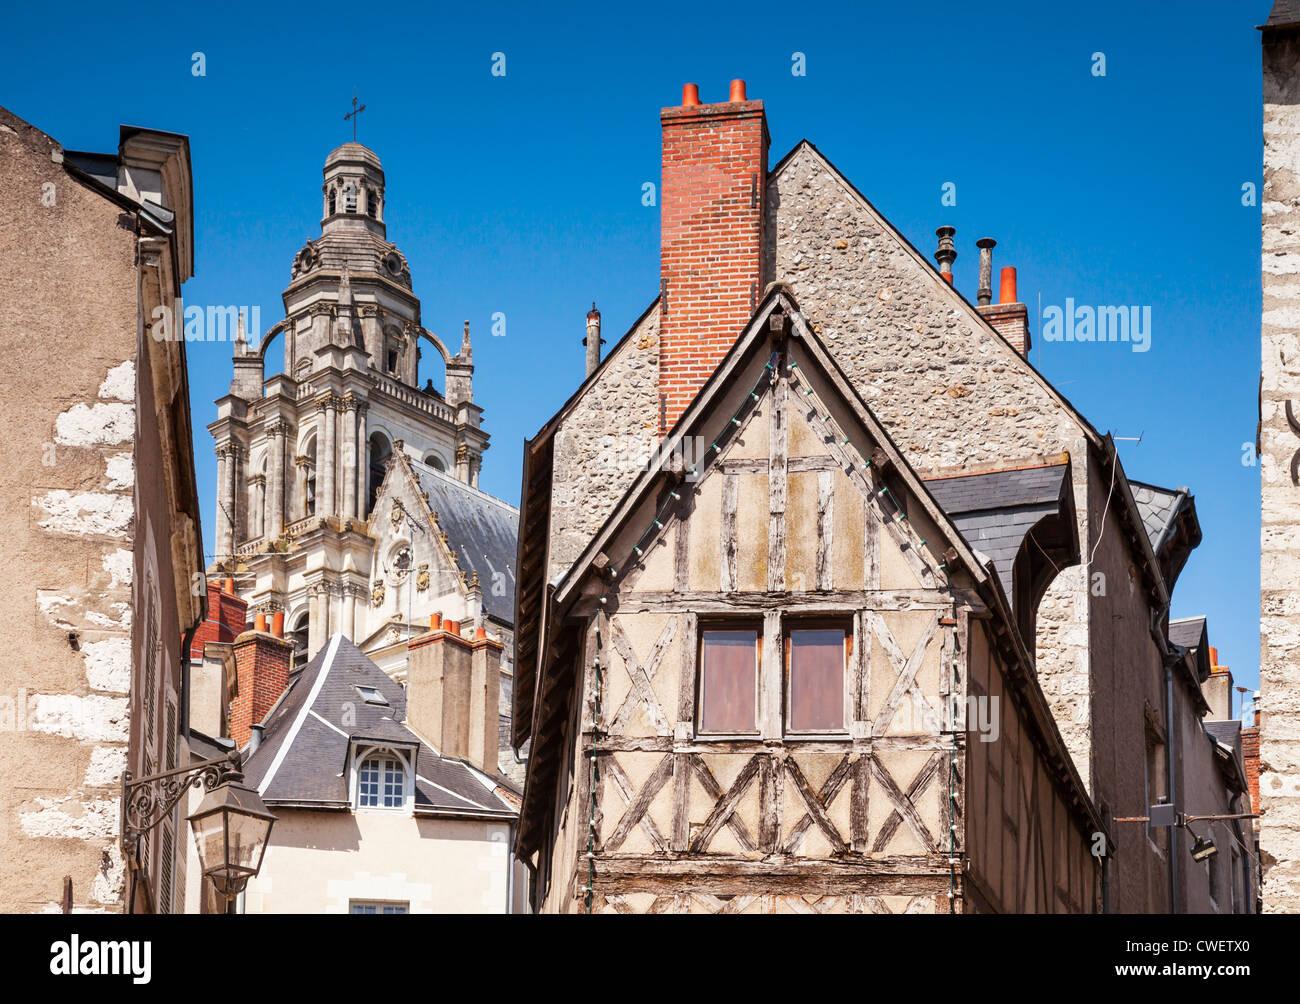 Détail de bâtiments médiévaux dans la vallée de la Loire ville de Blois, Centre, France. Photo Stock